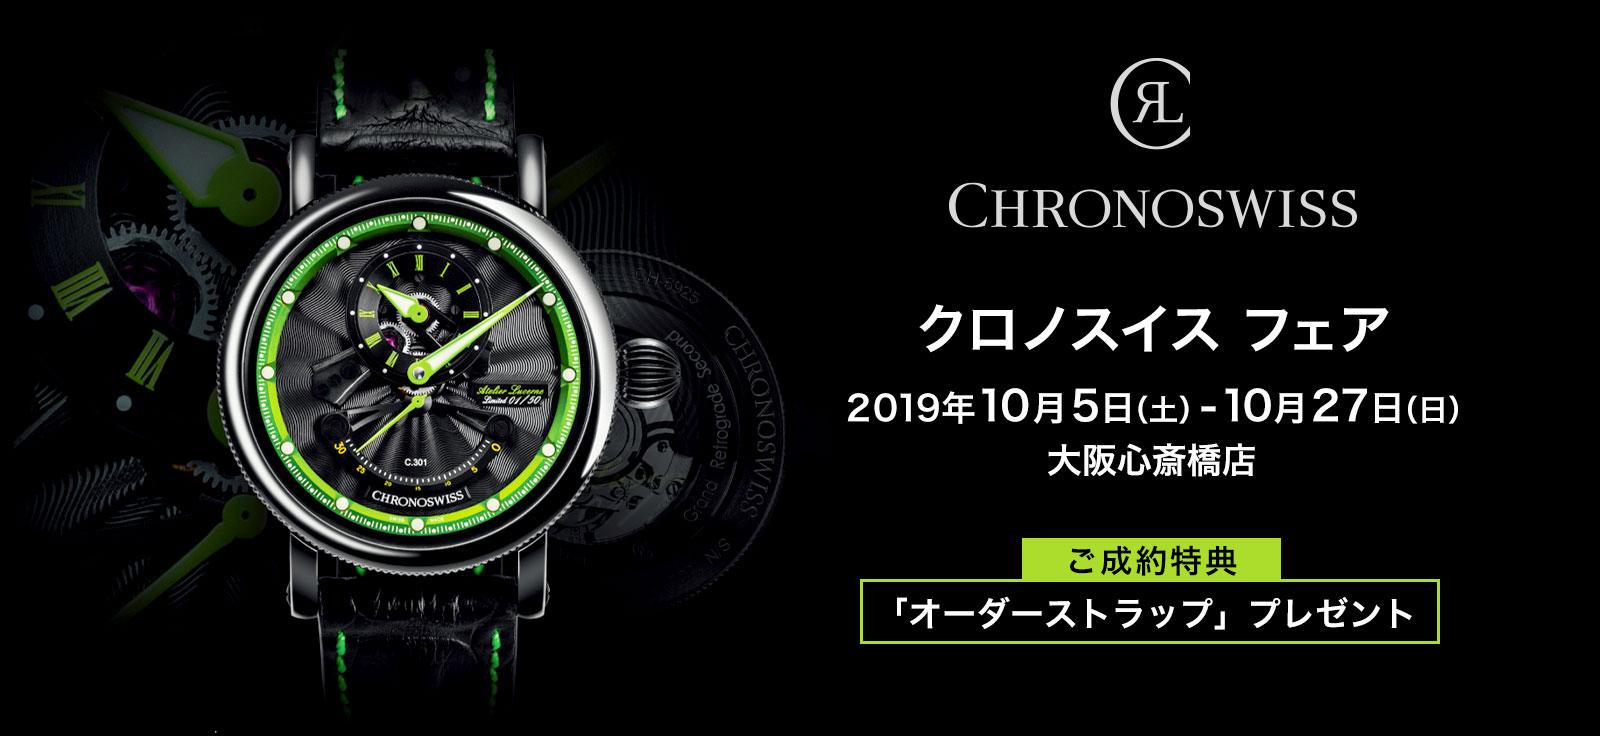 CHRONOSWISS FAIR[クロノスイス フェア]2019.10.5 - 10.27|大阪心斎橋店